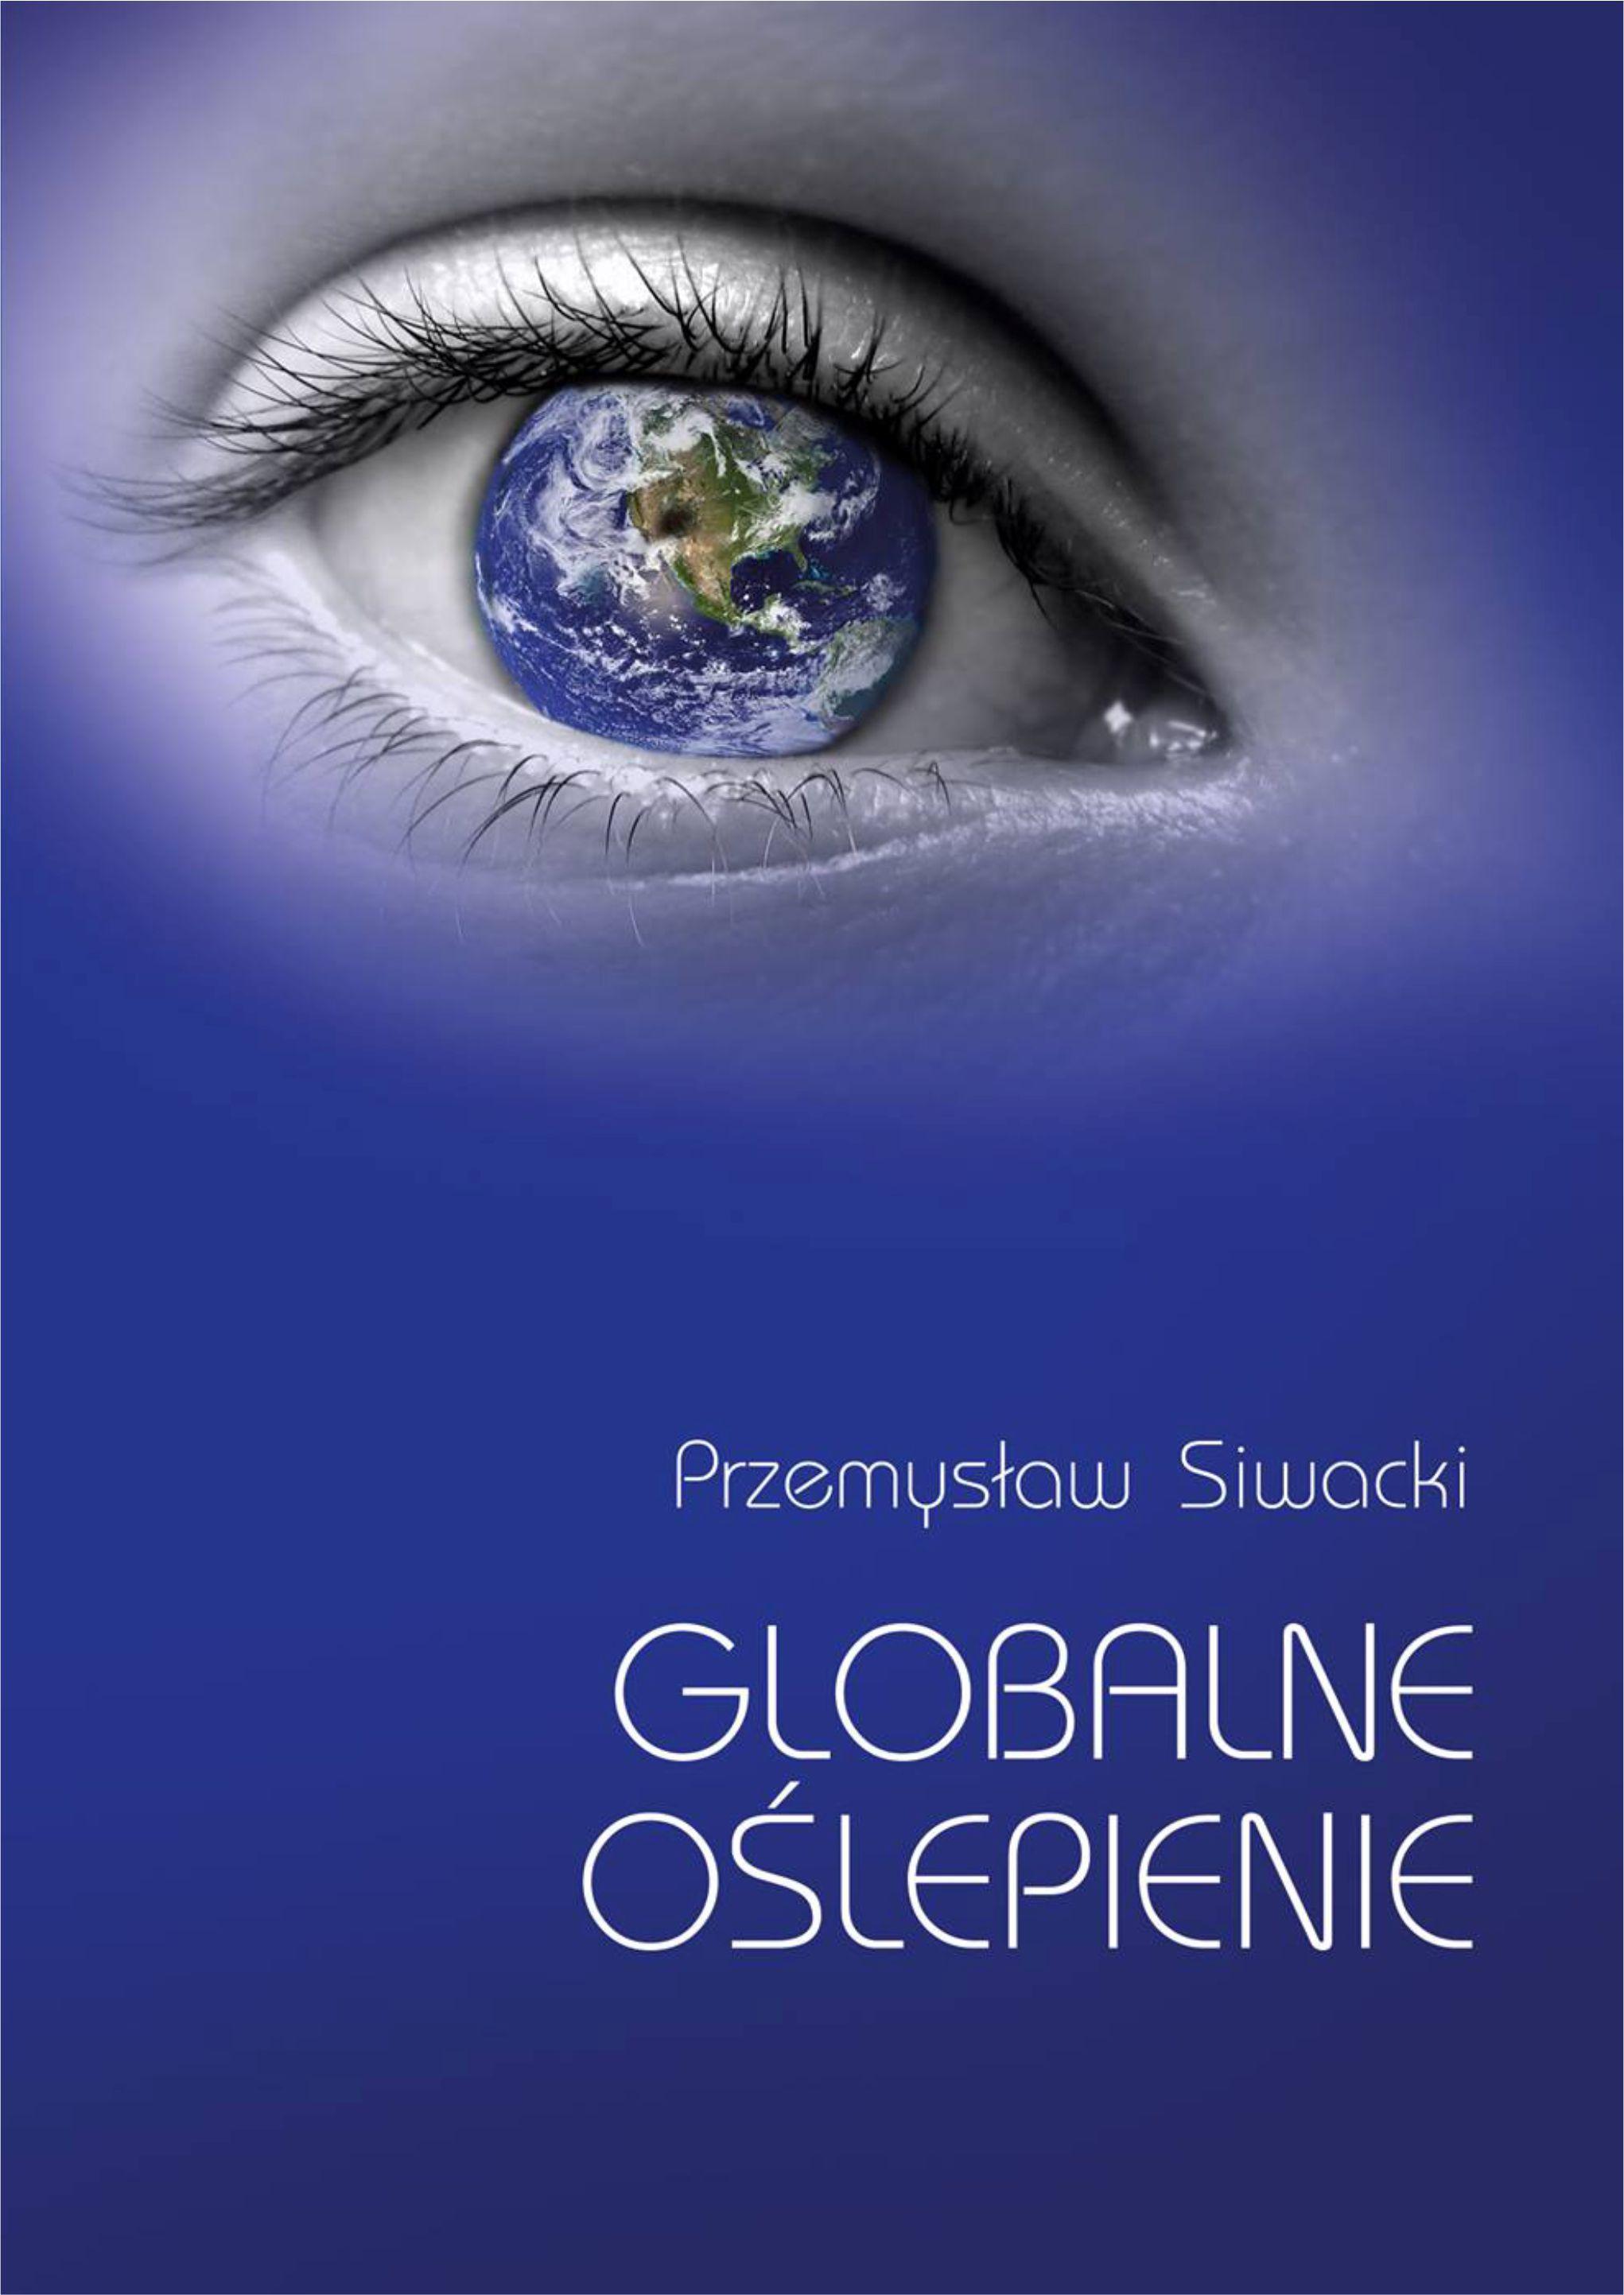 Globalne oślepienie – opinie